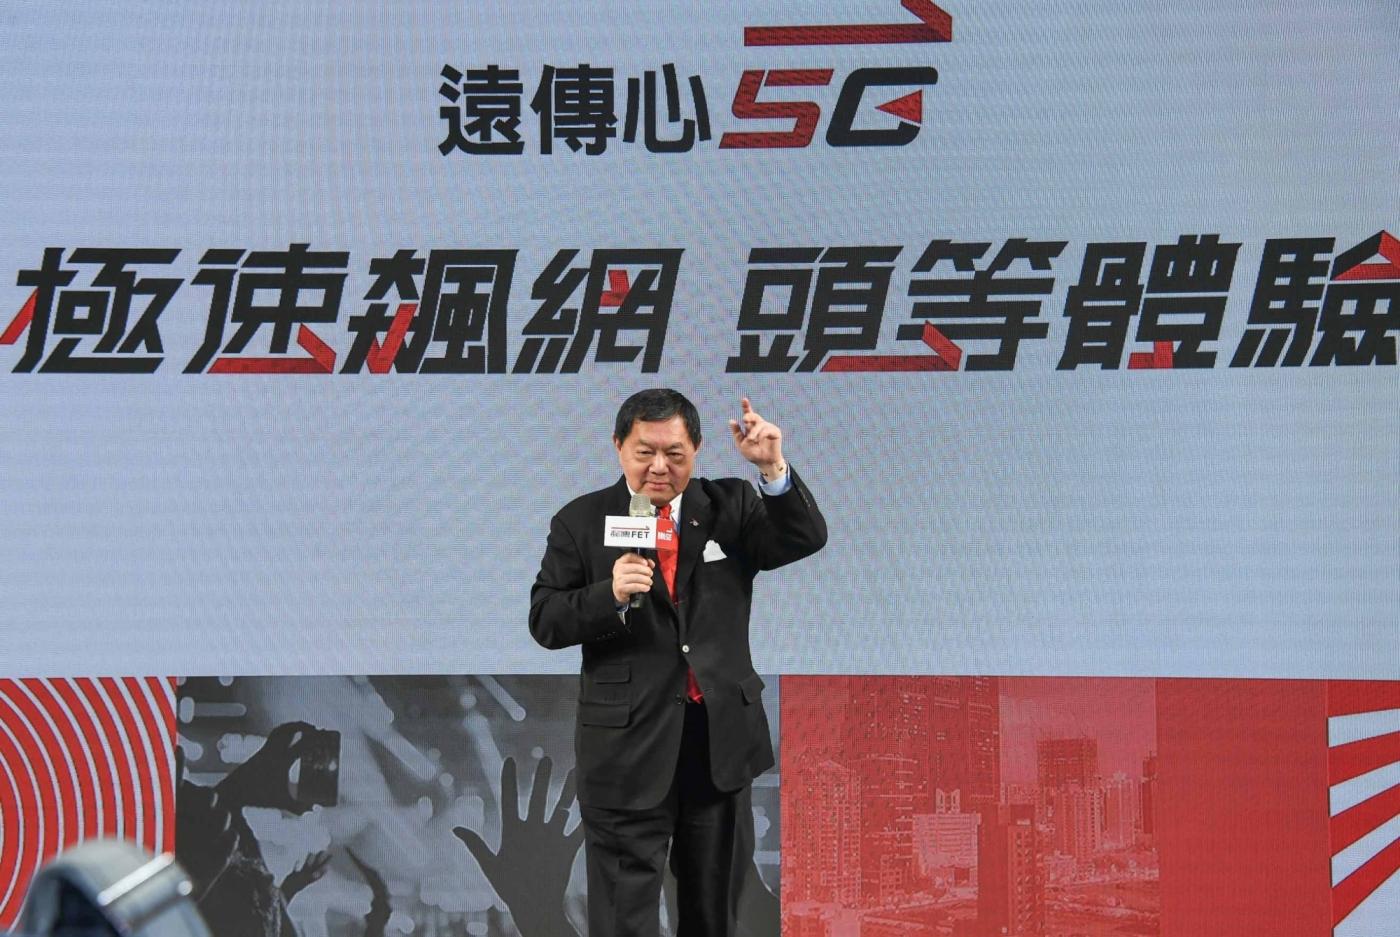 遠傳5G壓軸開台,徐旭東為何說電信三雄比時間是nothing?